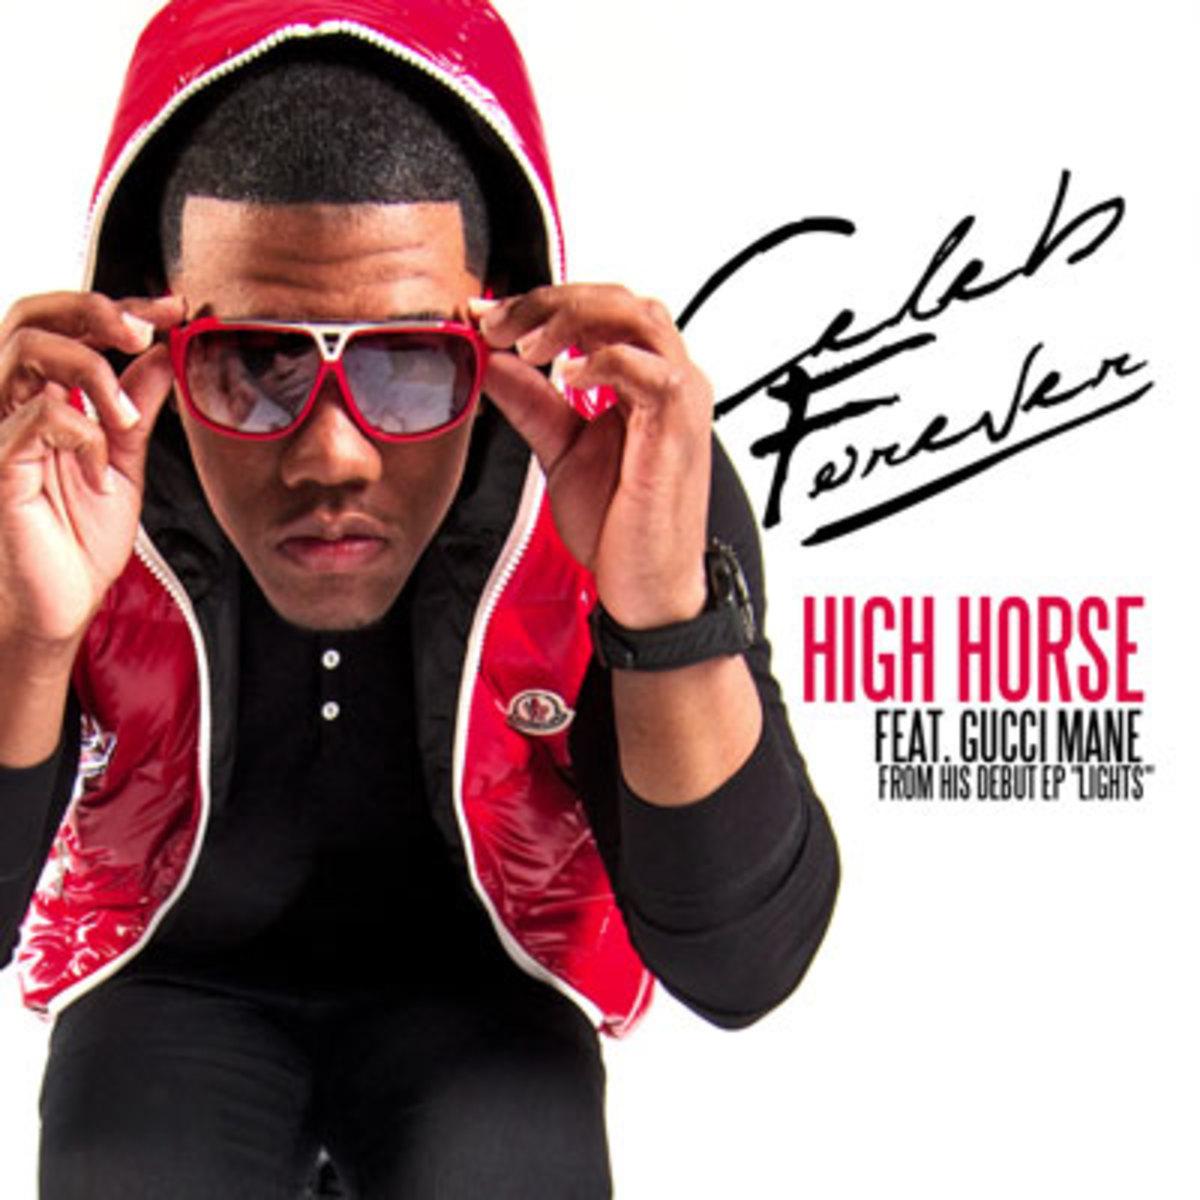 celebforever-highhorse.jpg